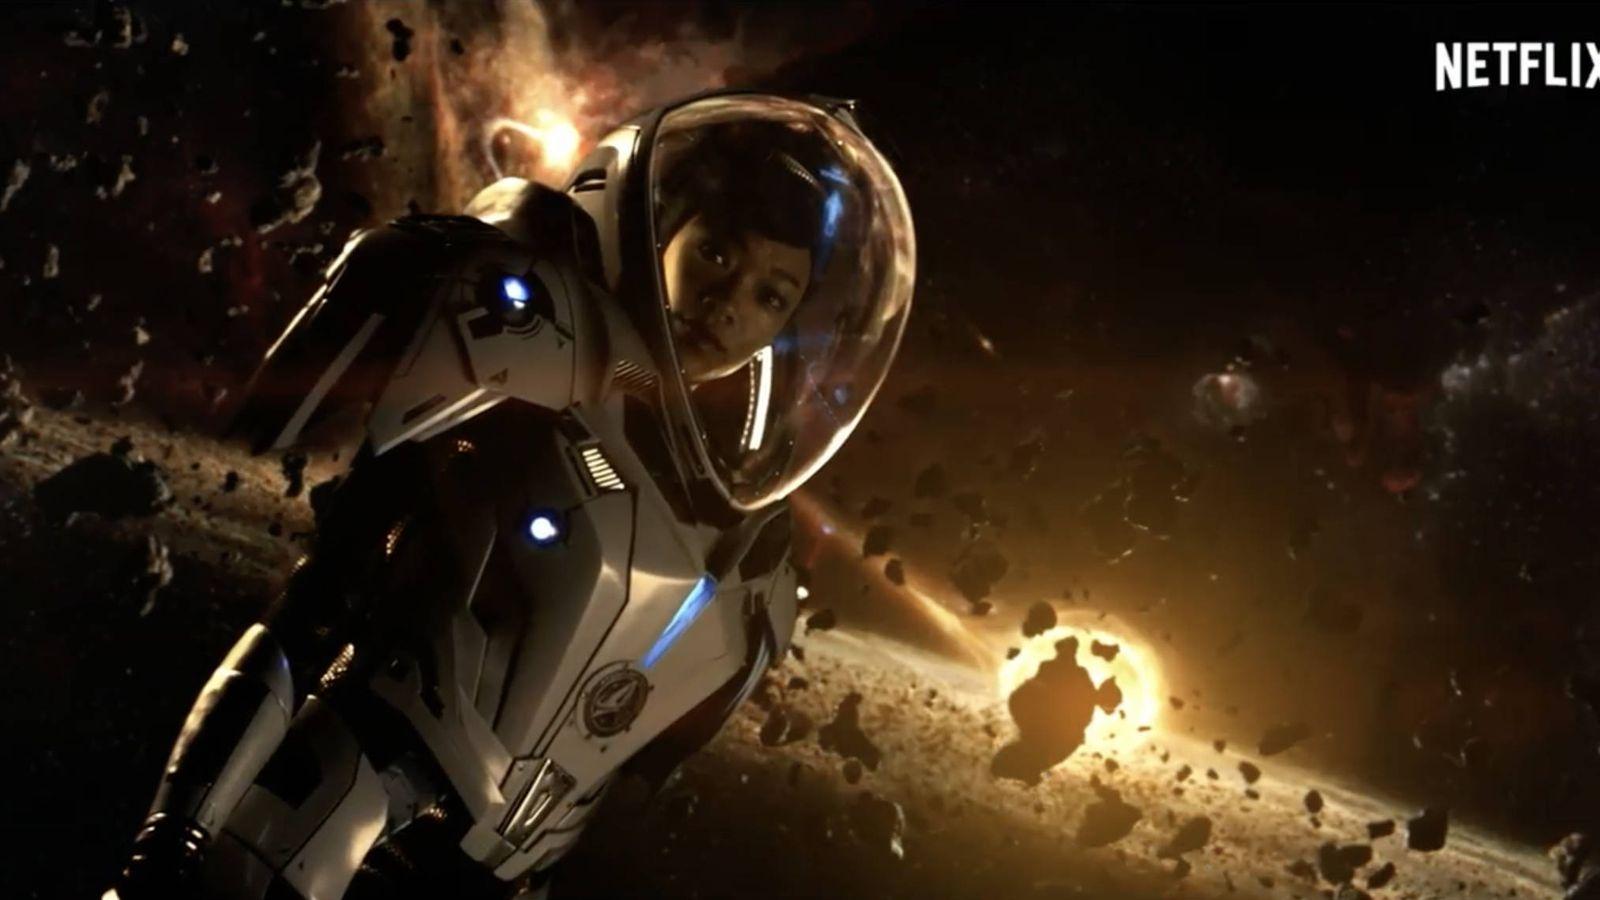 Foto: 'Star Trek' regresa a televisión, a través de Netflix, con una nueva serie.